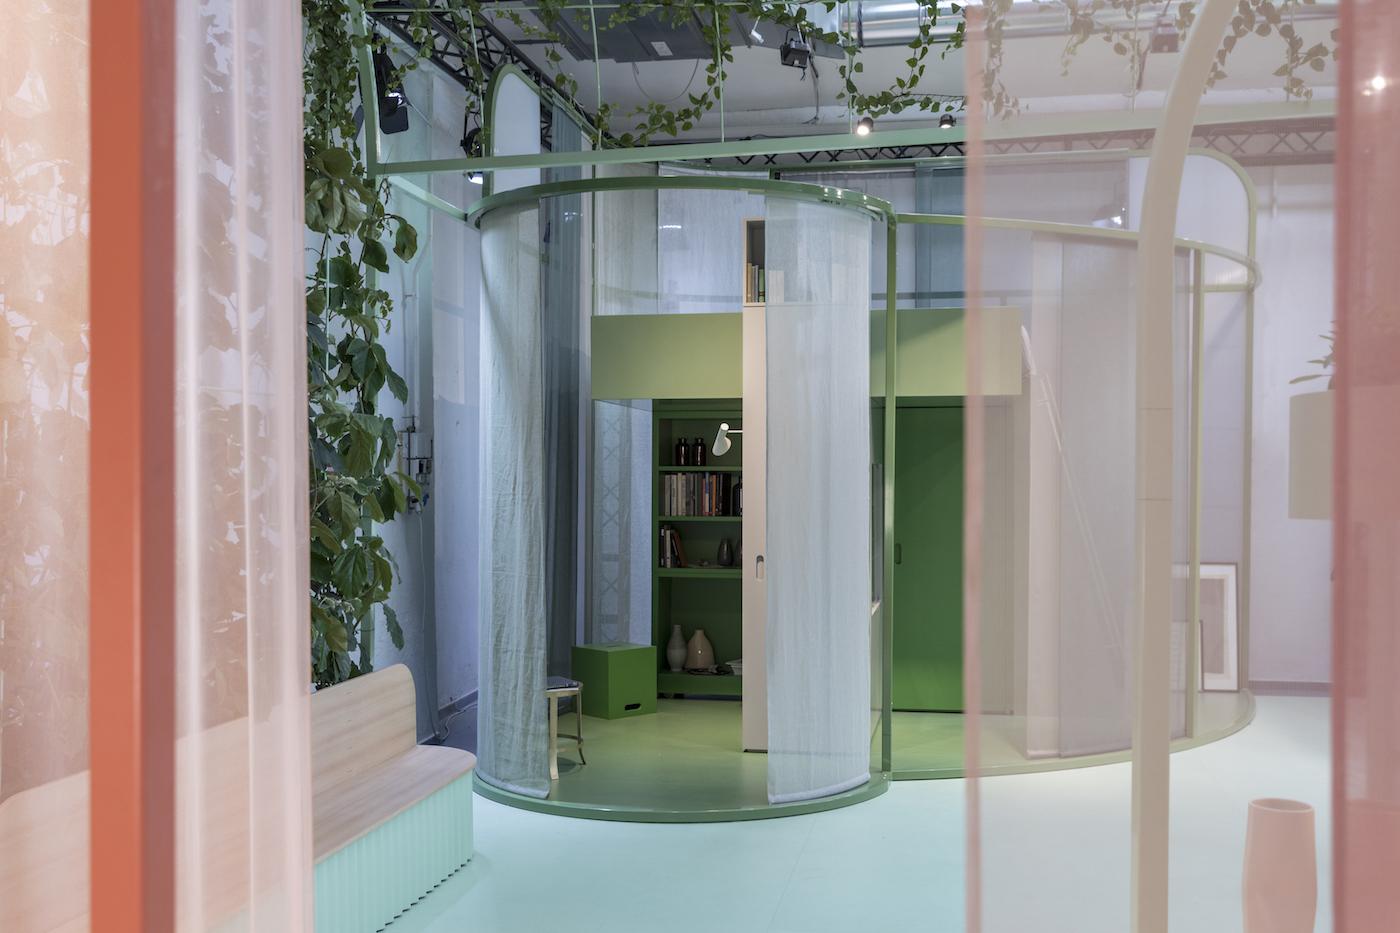 MINI zeigt visionäres Wohnkonzept zur Designweek in Mailand 5